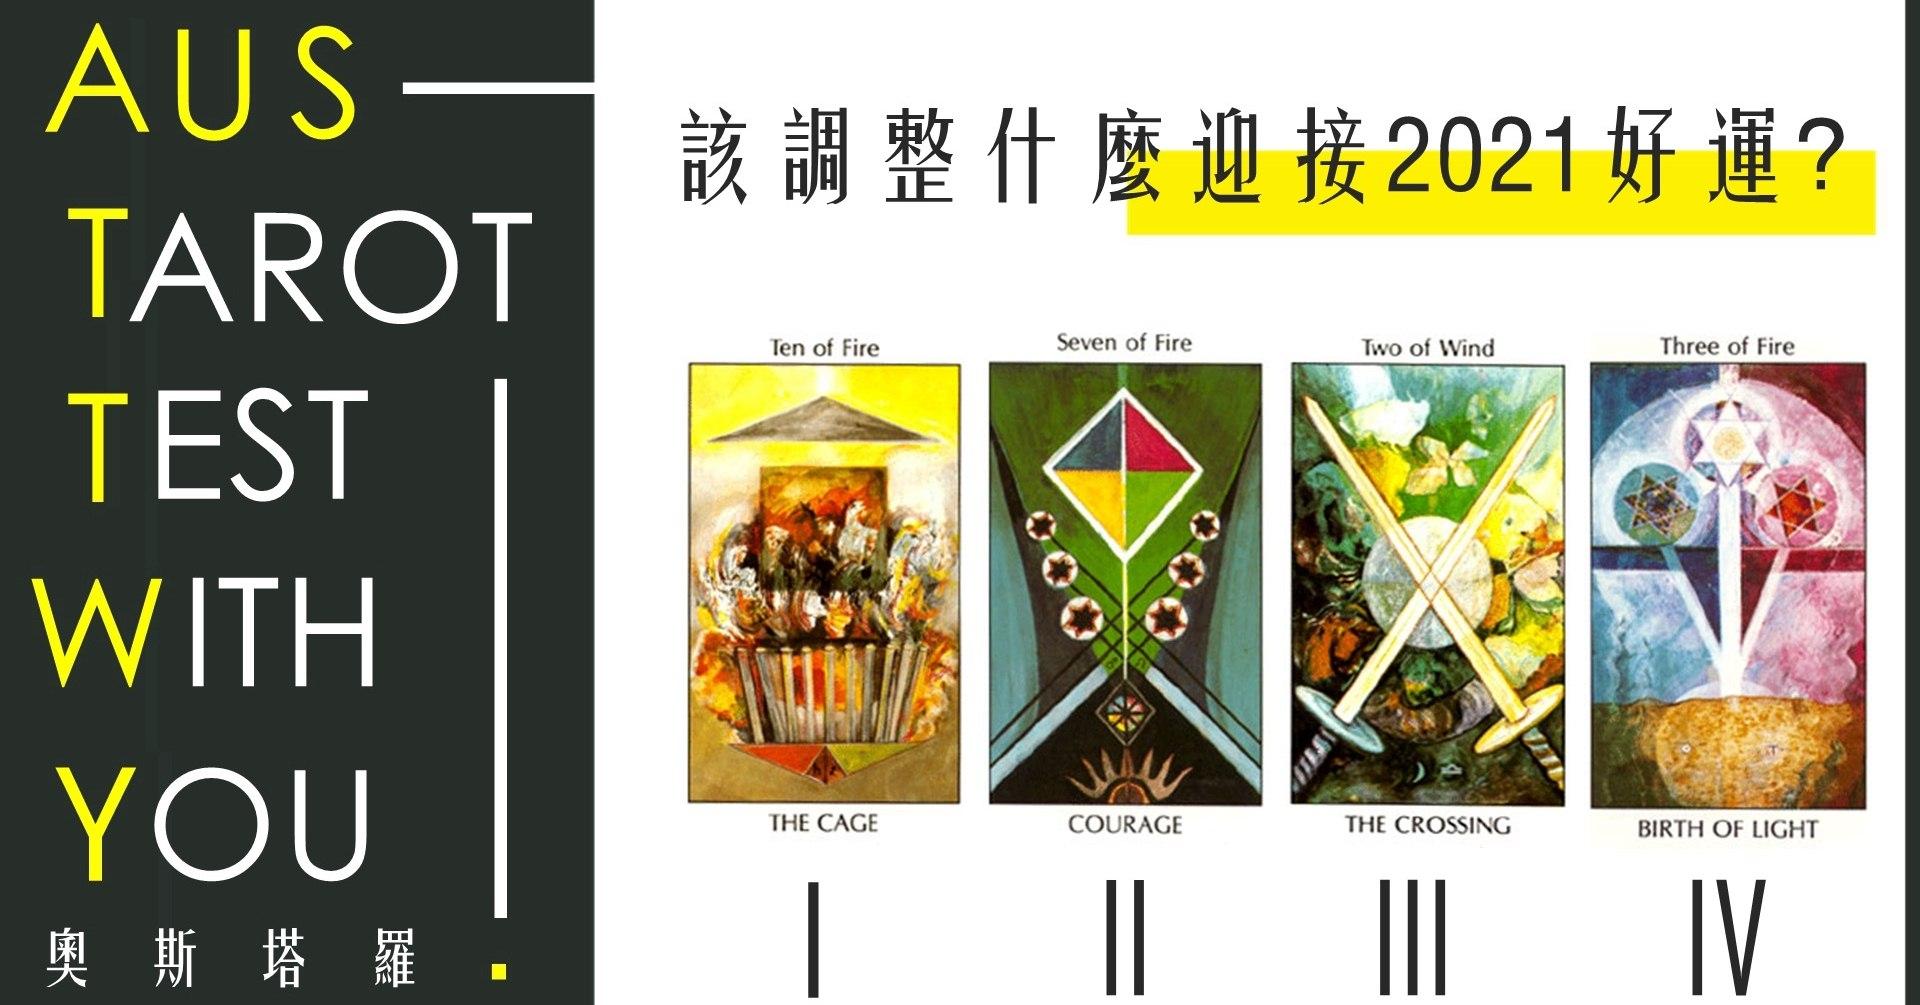 【塔羅占卜】該調整什麼迎接2021好運?